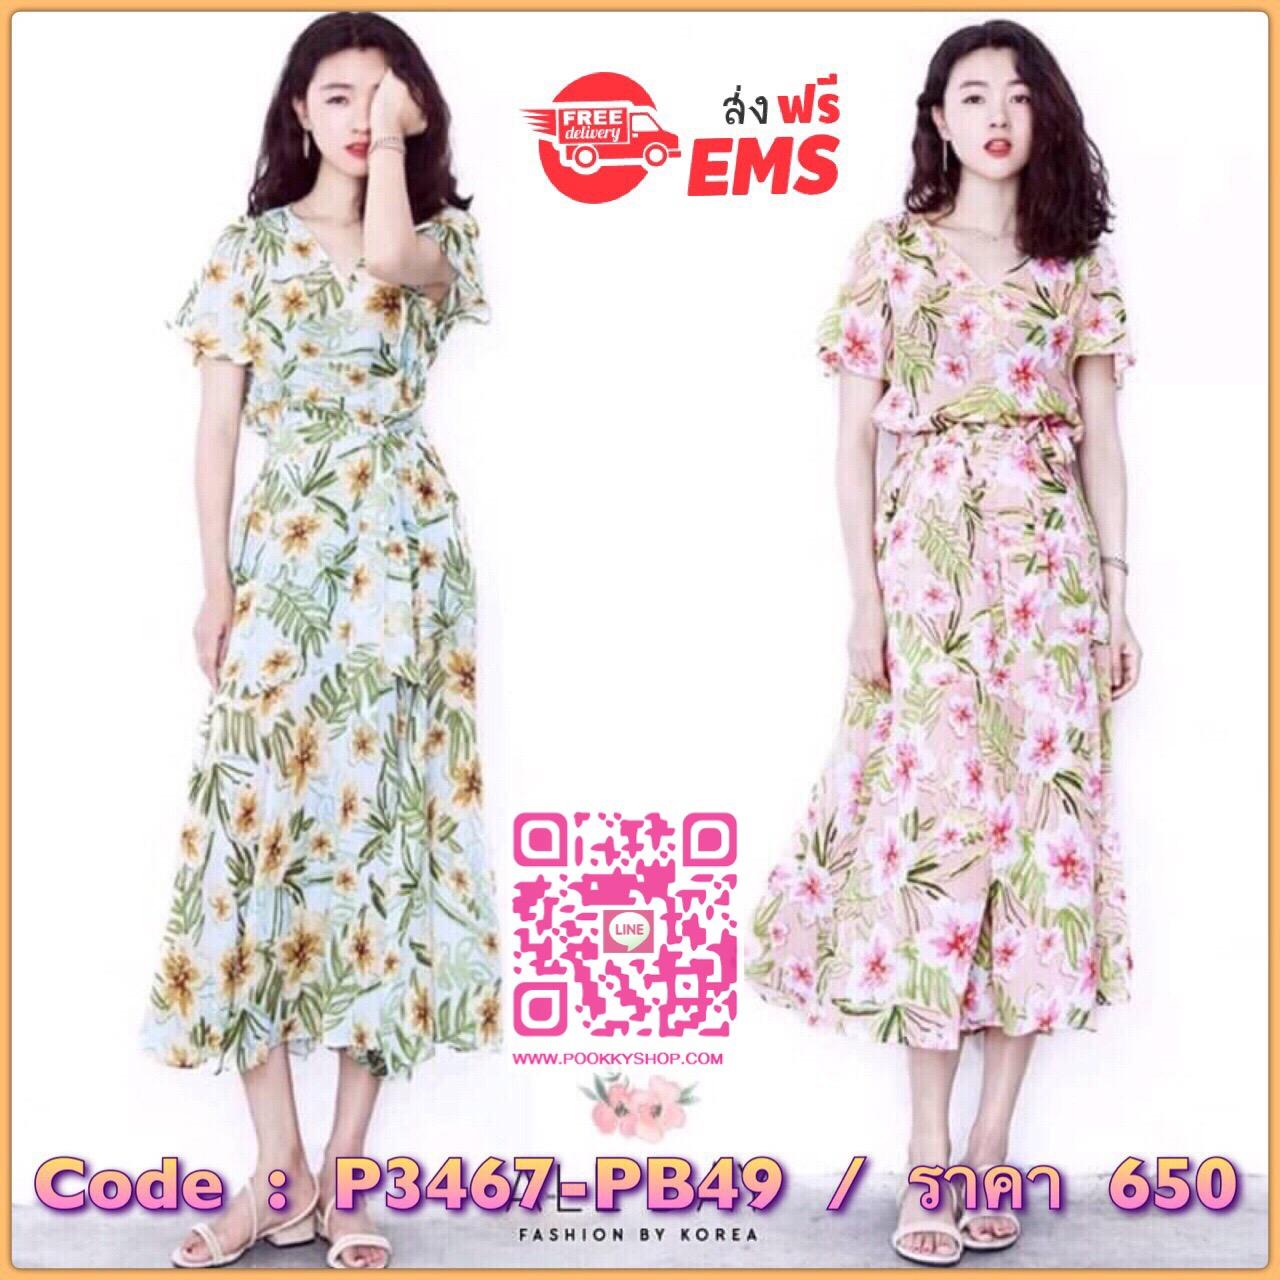 สินค้าพร้อมส่ง All Day Premium Dress Collections ชุดเดรสคอวี แขนแบบเย็บระบาย คนแขนใหญ่ใส่ได้ค่ะ ช่วงไหล่เย็บจับสม็อกนิดๆ ลายดอกไม้เล็กๆ ชุดแบบคอวีใส่แล้วดูเพรียว ชุดมีผูกที่เอว มีซับในค่ะ ผ่าด้านข้างขวามือตามนางแบบ ผ้าจอเจียร์เนื้อดี ผ้าไม่บางค่ะ เย็บเรีย